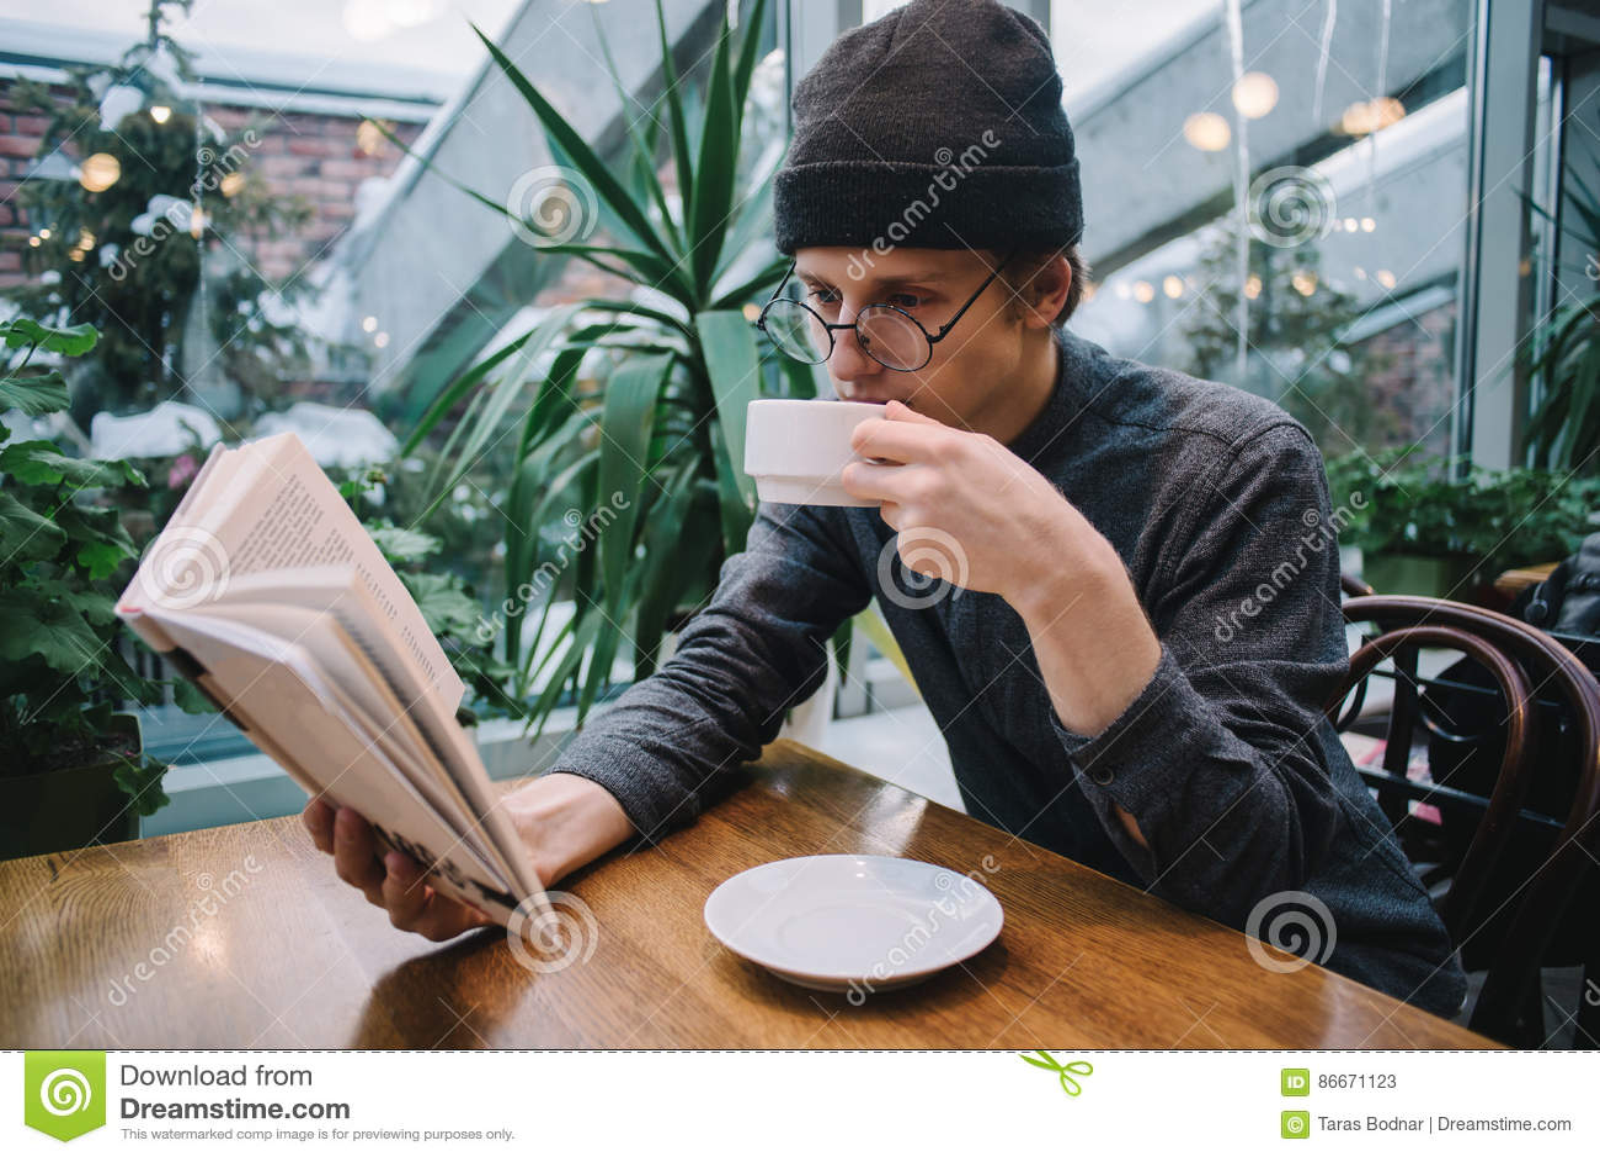 Un jeune homme dans un chapeau et une chemise lisant un livre et buvant du café dans un restaurant avec le conservatoire